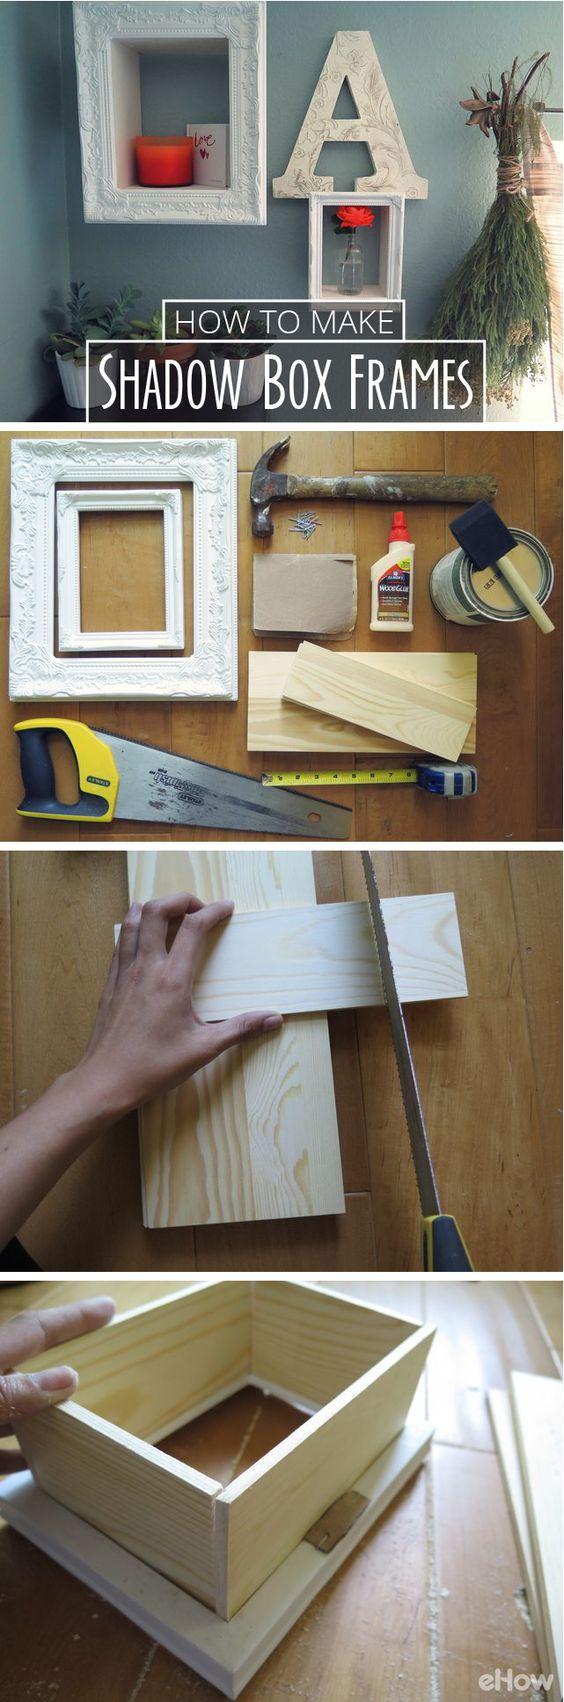 Le caselle ombreggiate sono un modo semplice e veloce per aggiungere funzionalità di storage e decorative alle pareti.  Grandi sostituti per piccoli scaffali, puoi aggiungere un telaio alle casse ombreggiate che lo rendono un vero pezzo d'arte!  Istruzioni per fai da te qui: http://www.ehow.com/how_4910331_make-shadow-box-frames.html?utm_source=pinterest.com&utm_medium=referral&utm_content=inline&utm_campaign=fanpage